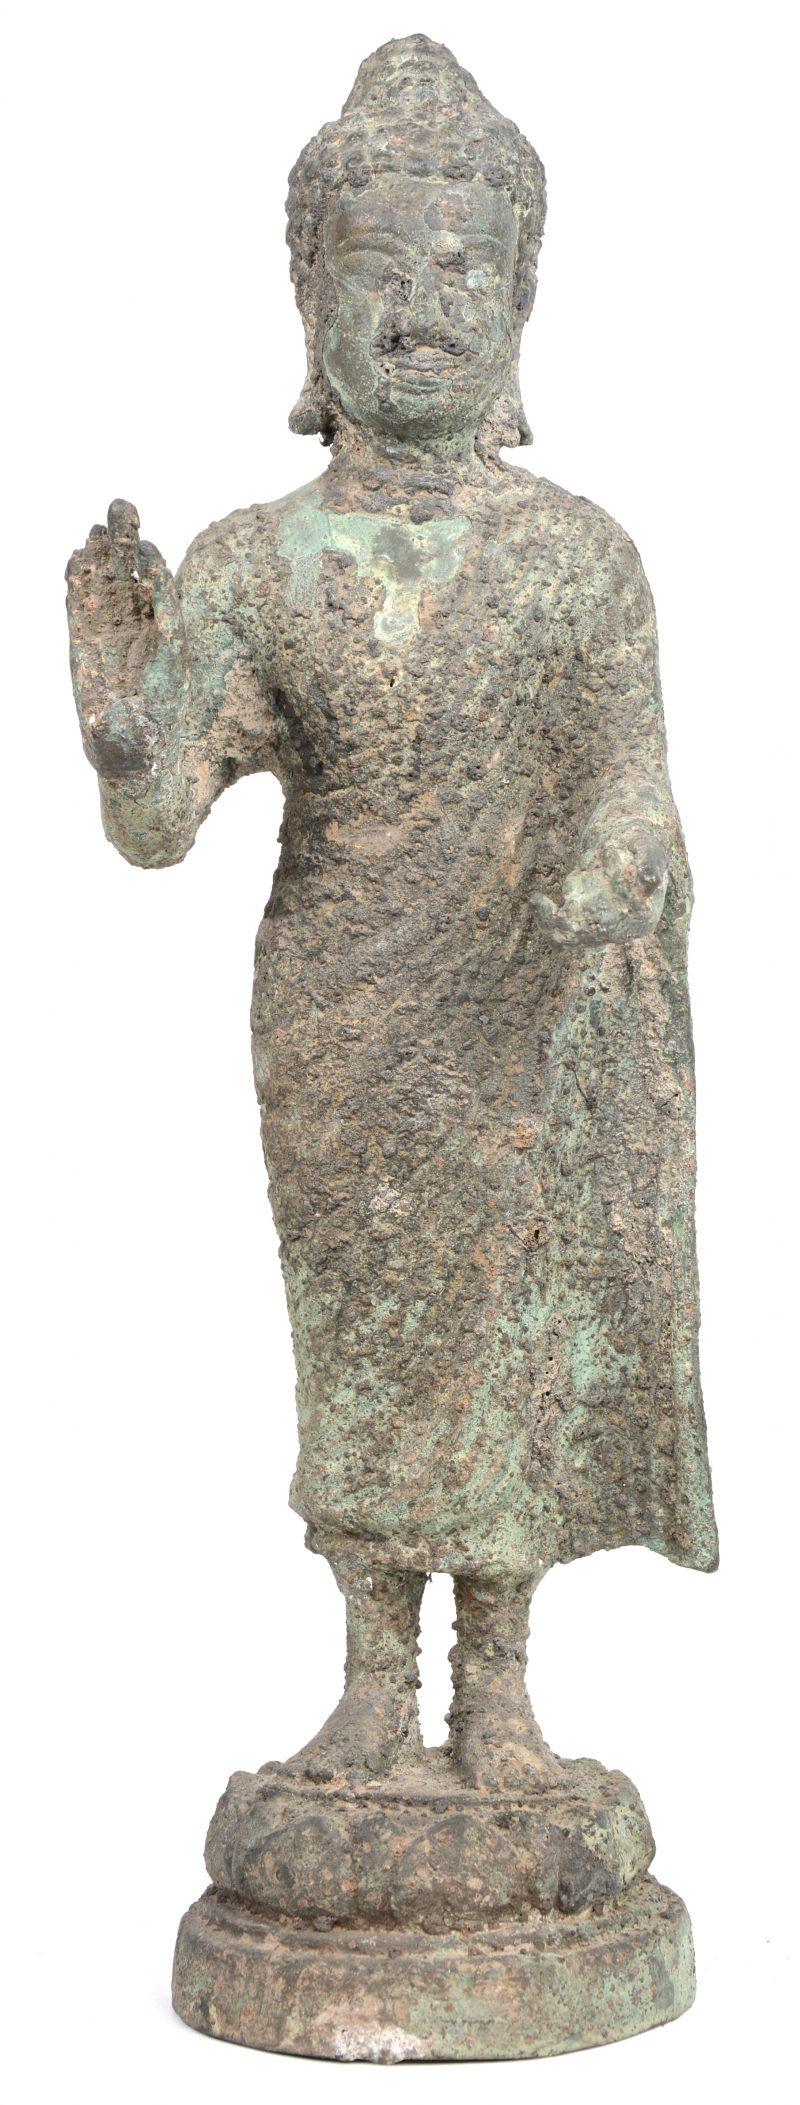 Staande Boeddha van brons. Thais werk, mogelijk XVIIde eeuw.